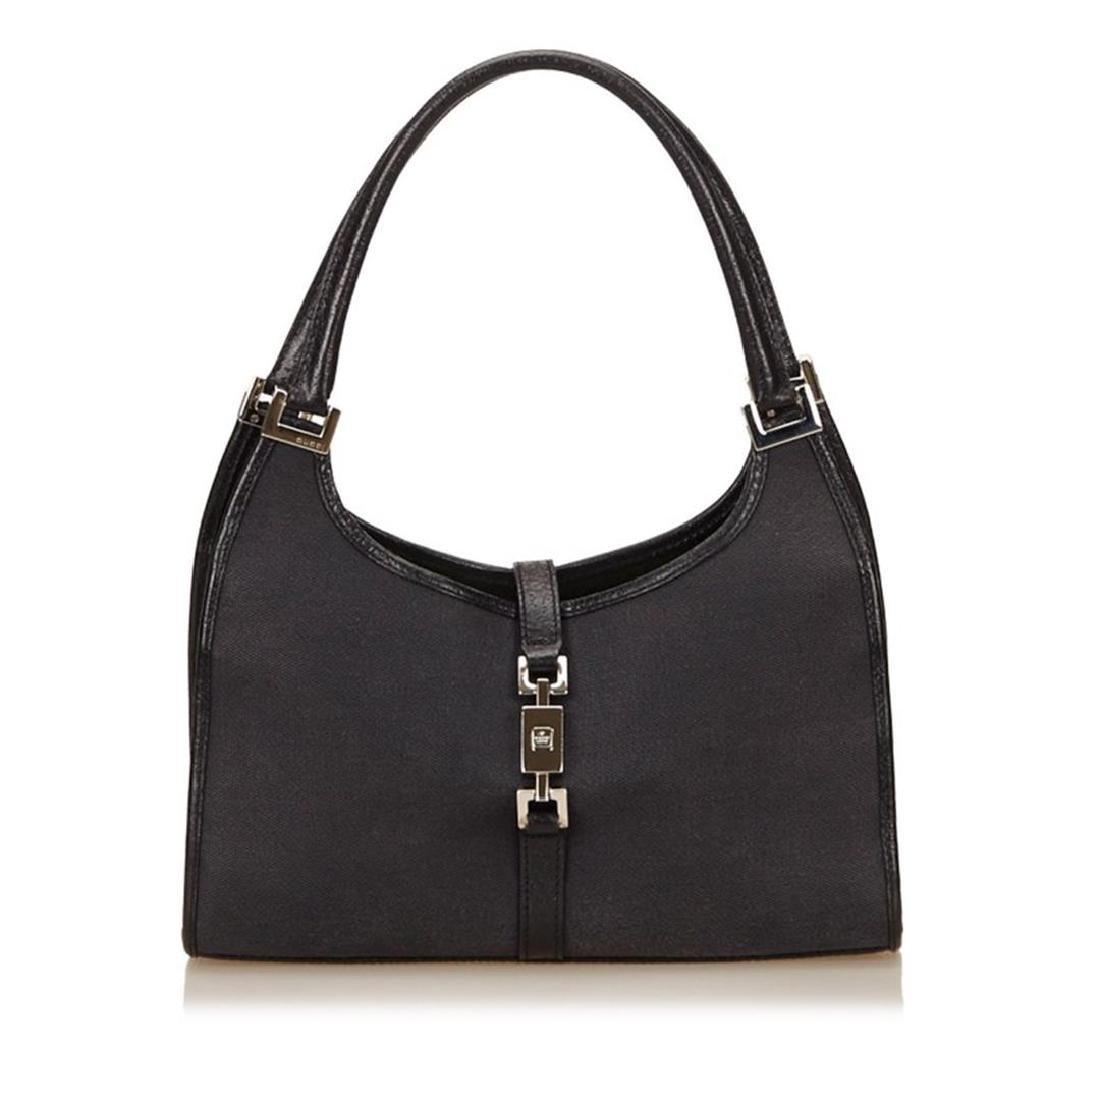 Gucci Black Canvas Leather Jackie Shoulder Bag